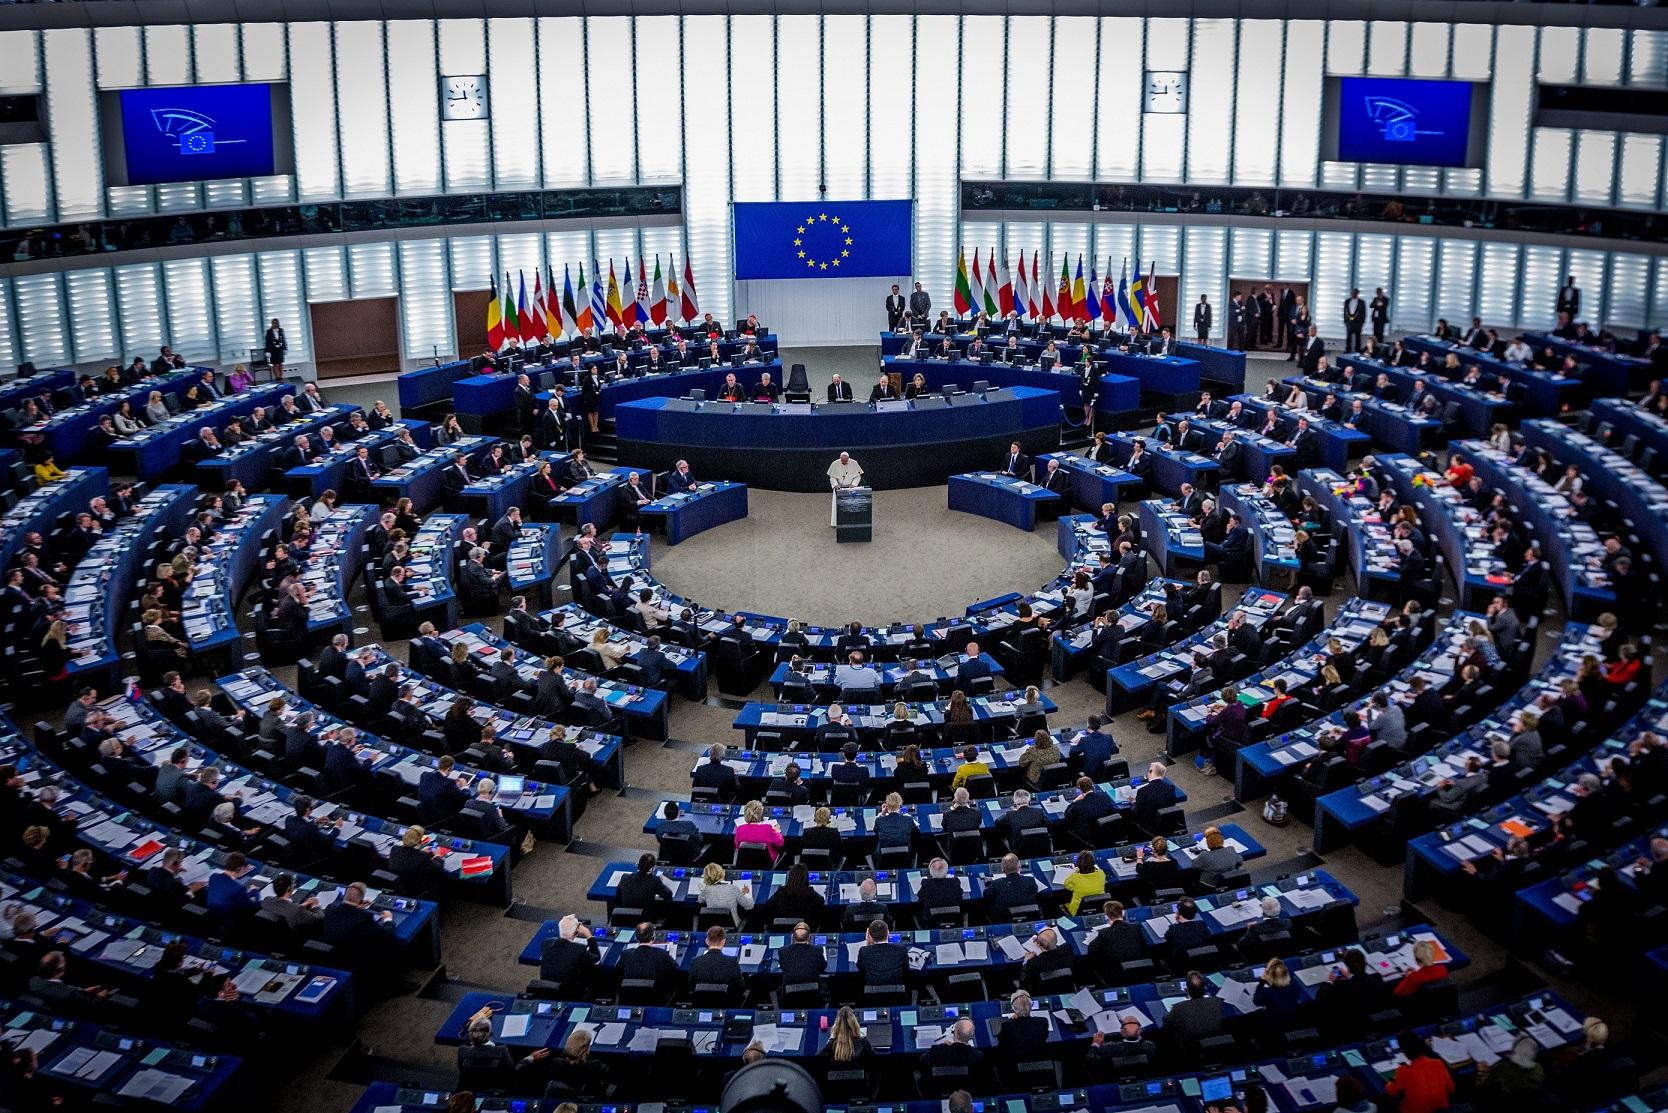 Nouvelle ENTP Autrichienne :) Parlement-europ%C3%A9en-de-Strasbourg-le-25-novembre-2014-lors-de-la-visite-du-Pape-Fran%C3%A7ois-Cr%C3%A9dits